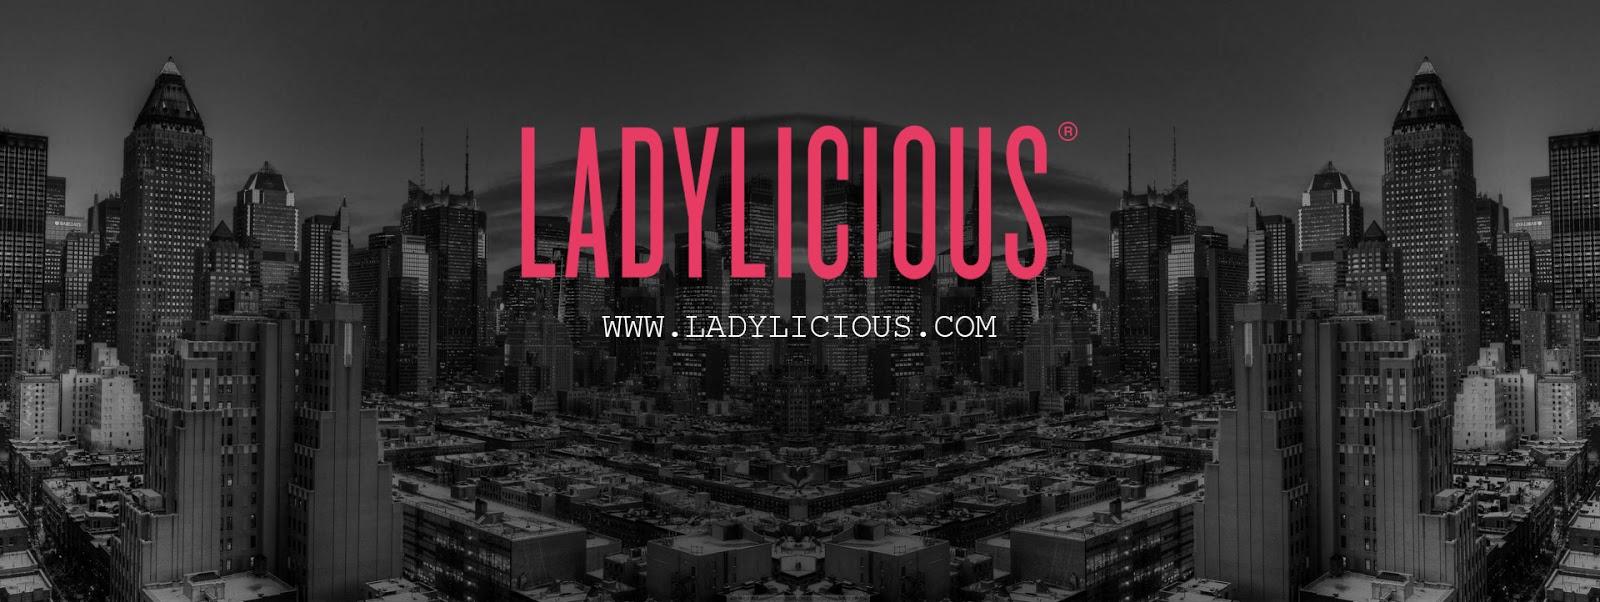 www.ladylicious.com